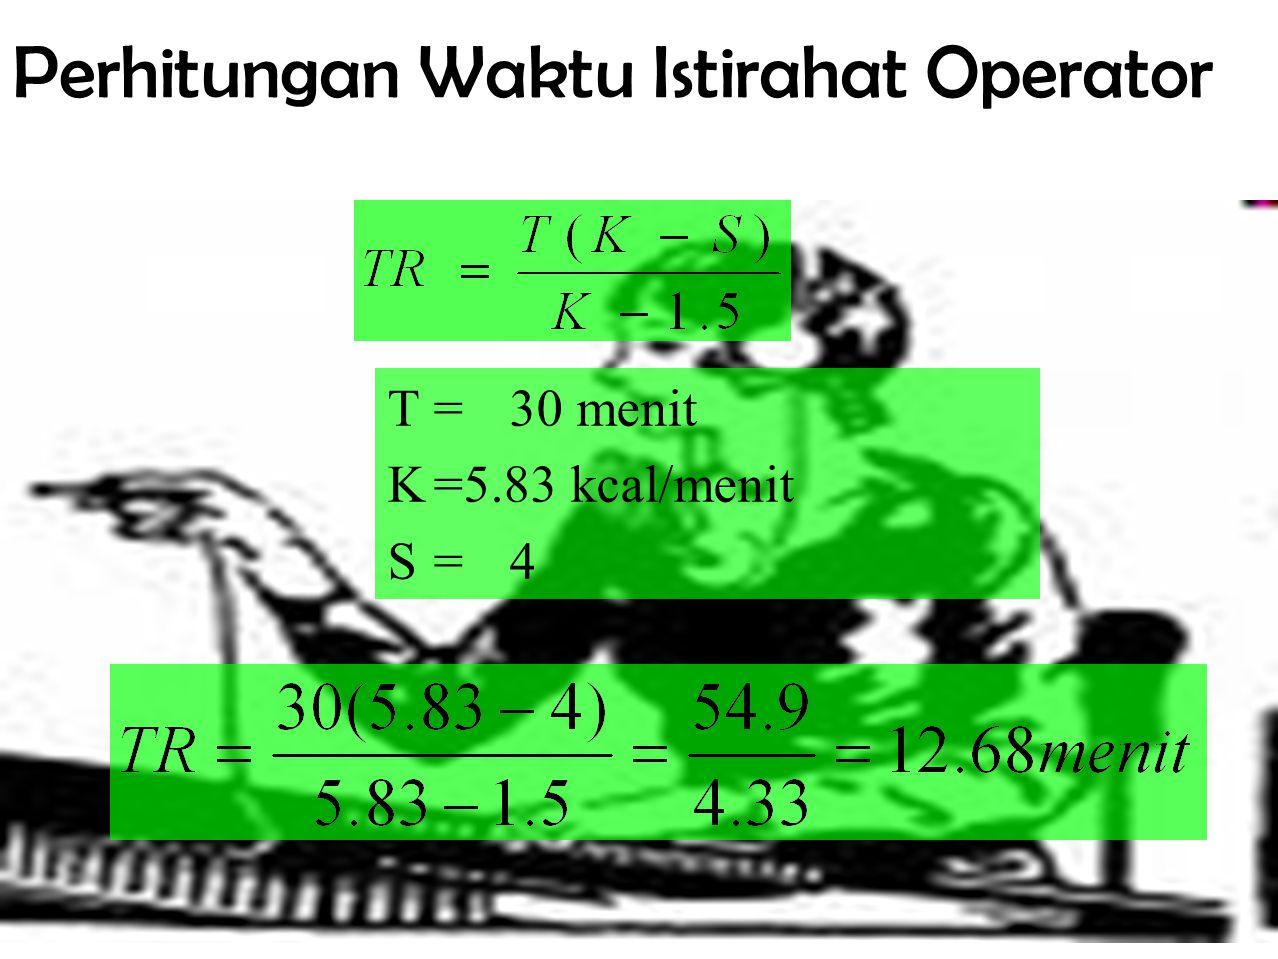 Perhitungan Waktu Istirahat Operator